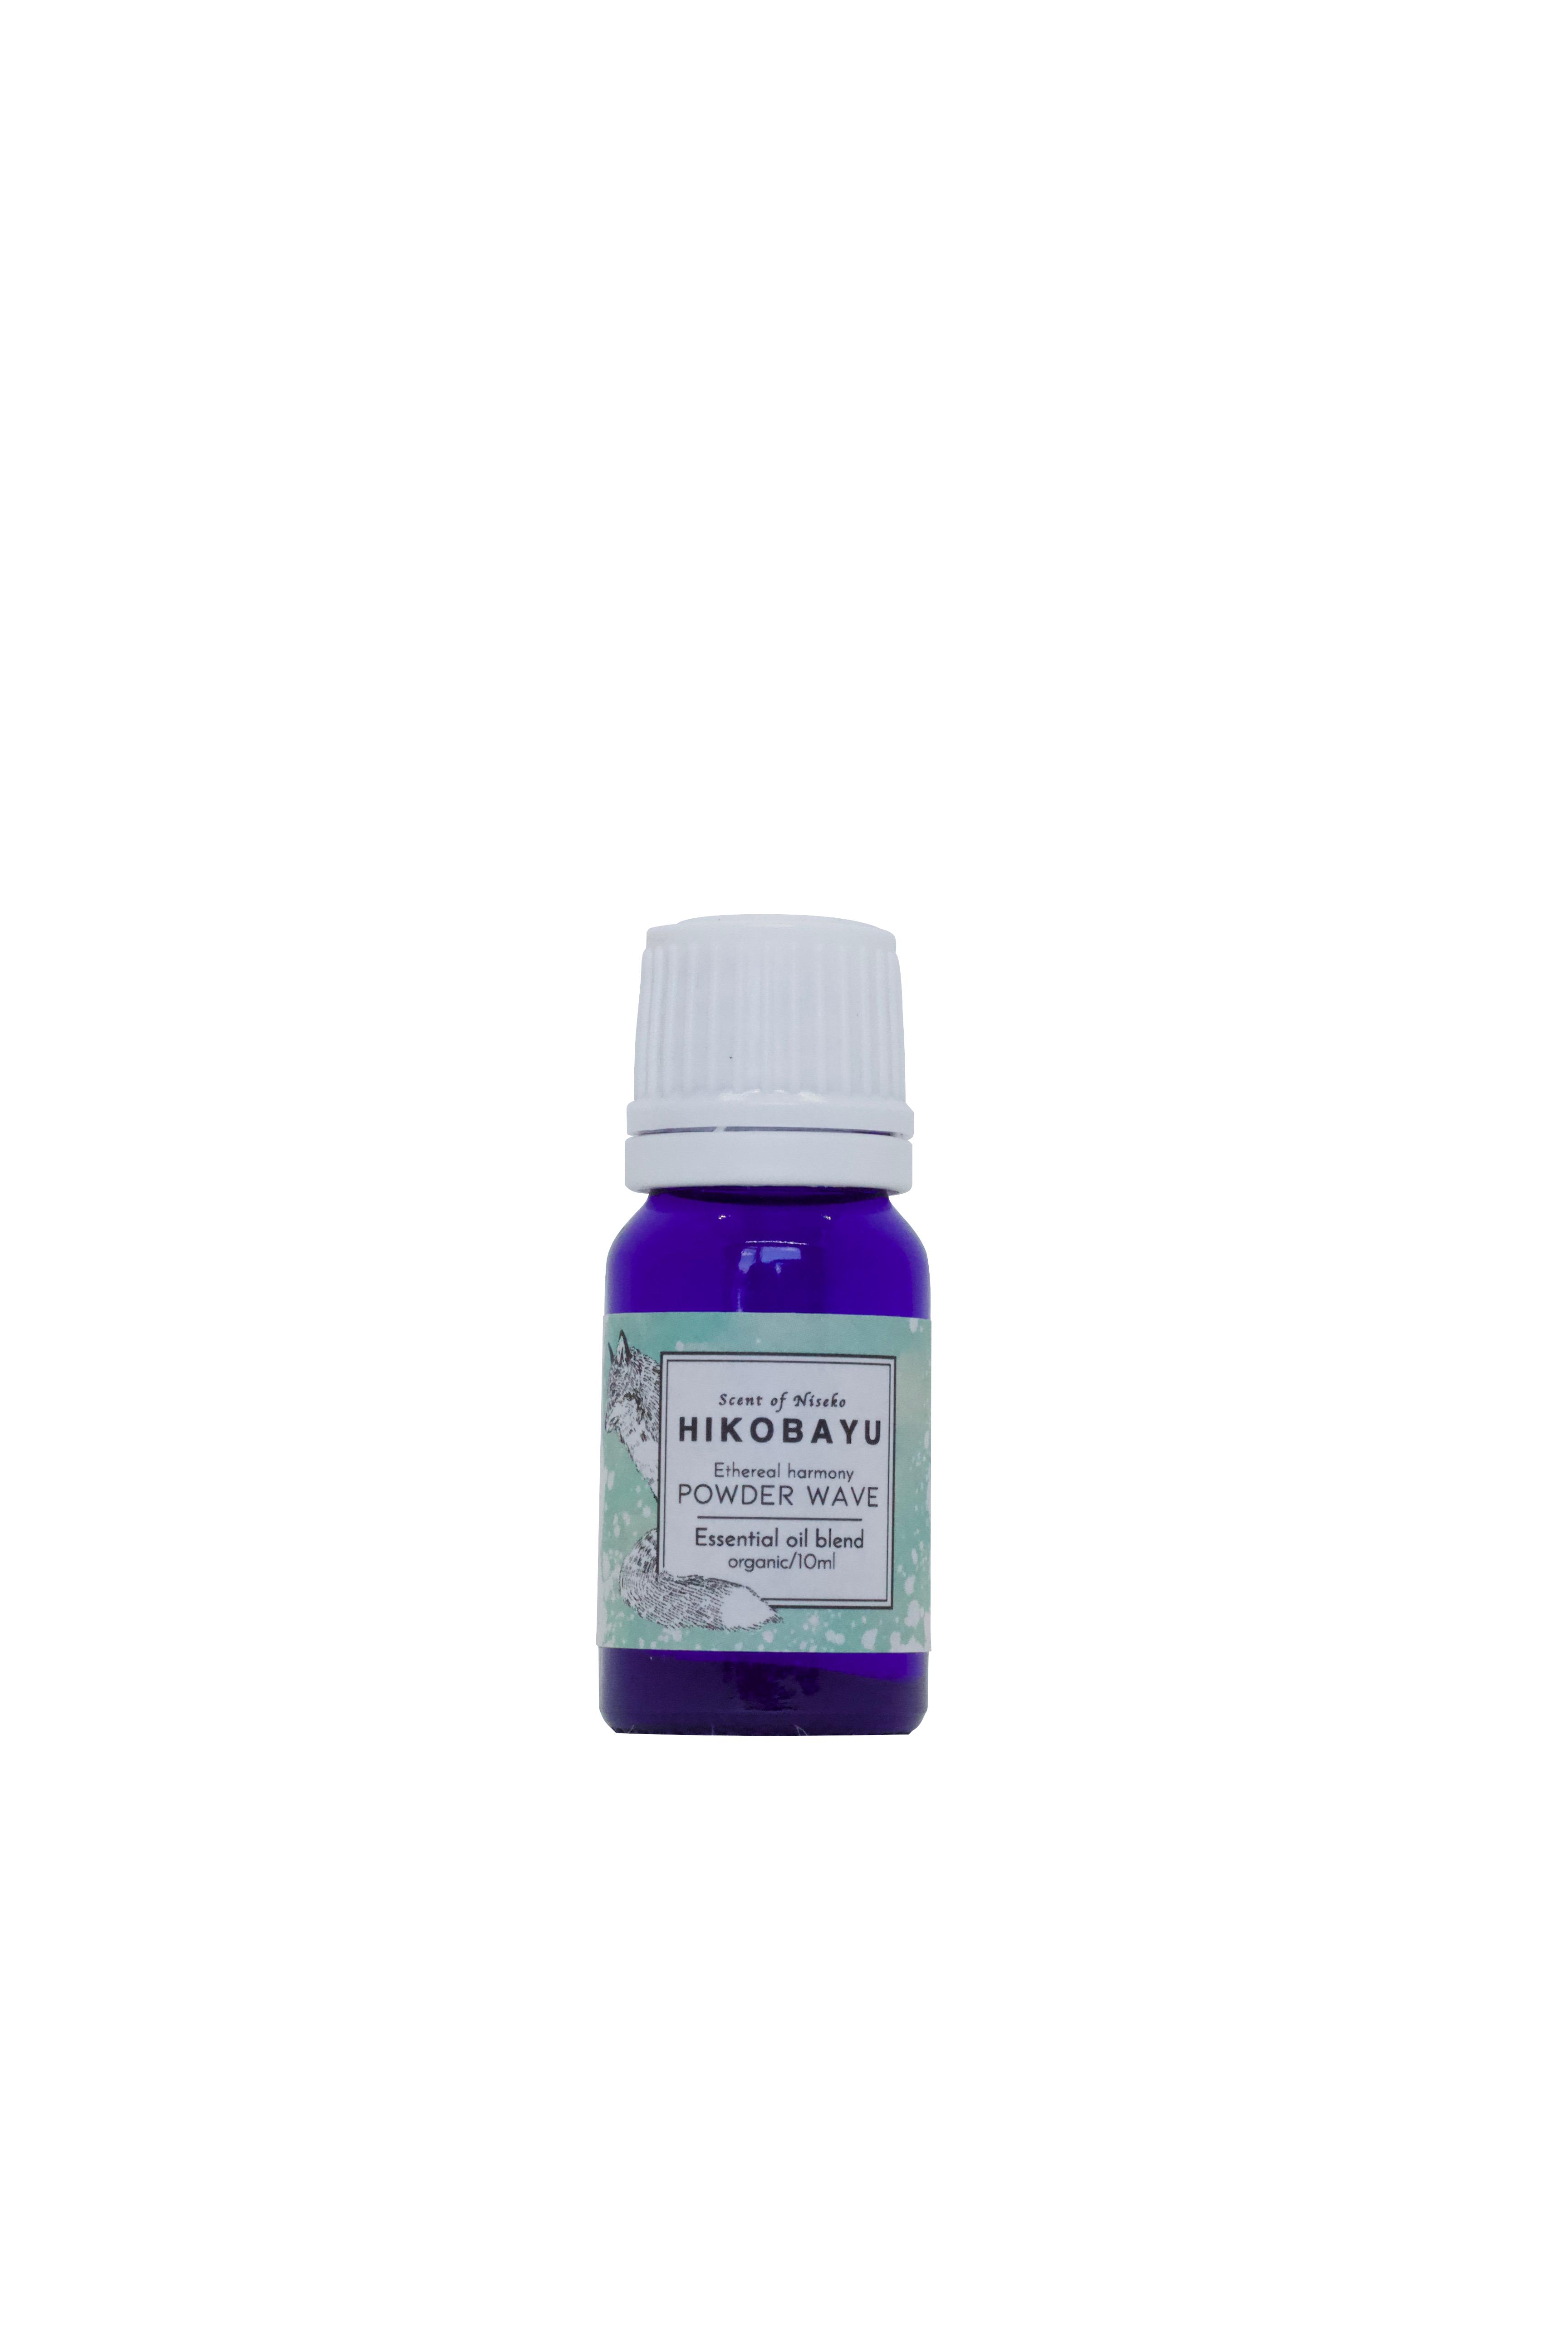 POWDER WAVE  トドマツブレンド精油  ETHEREAL HARMONY 10ml